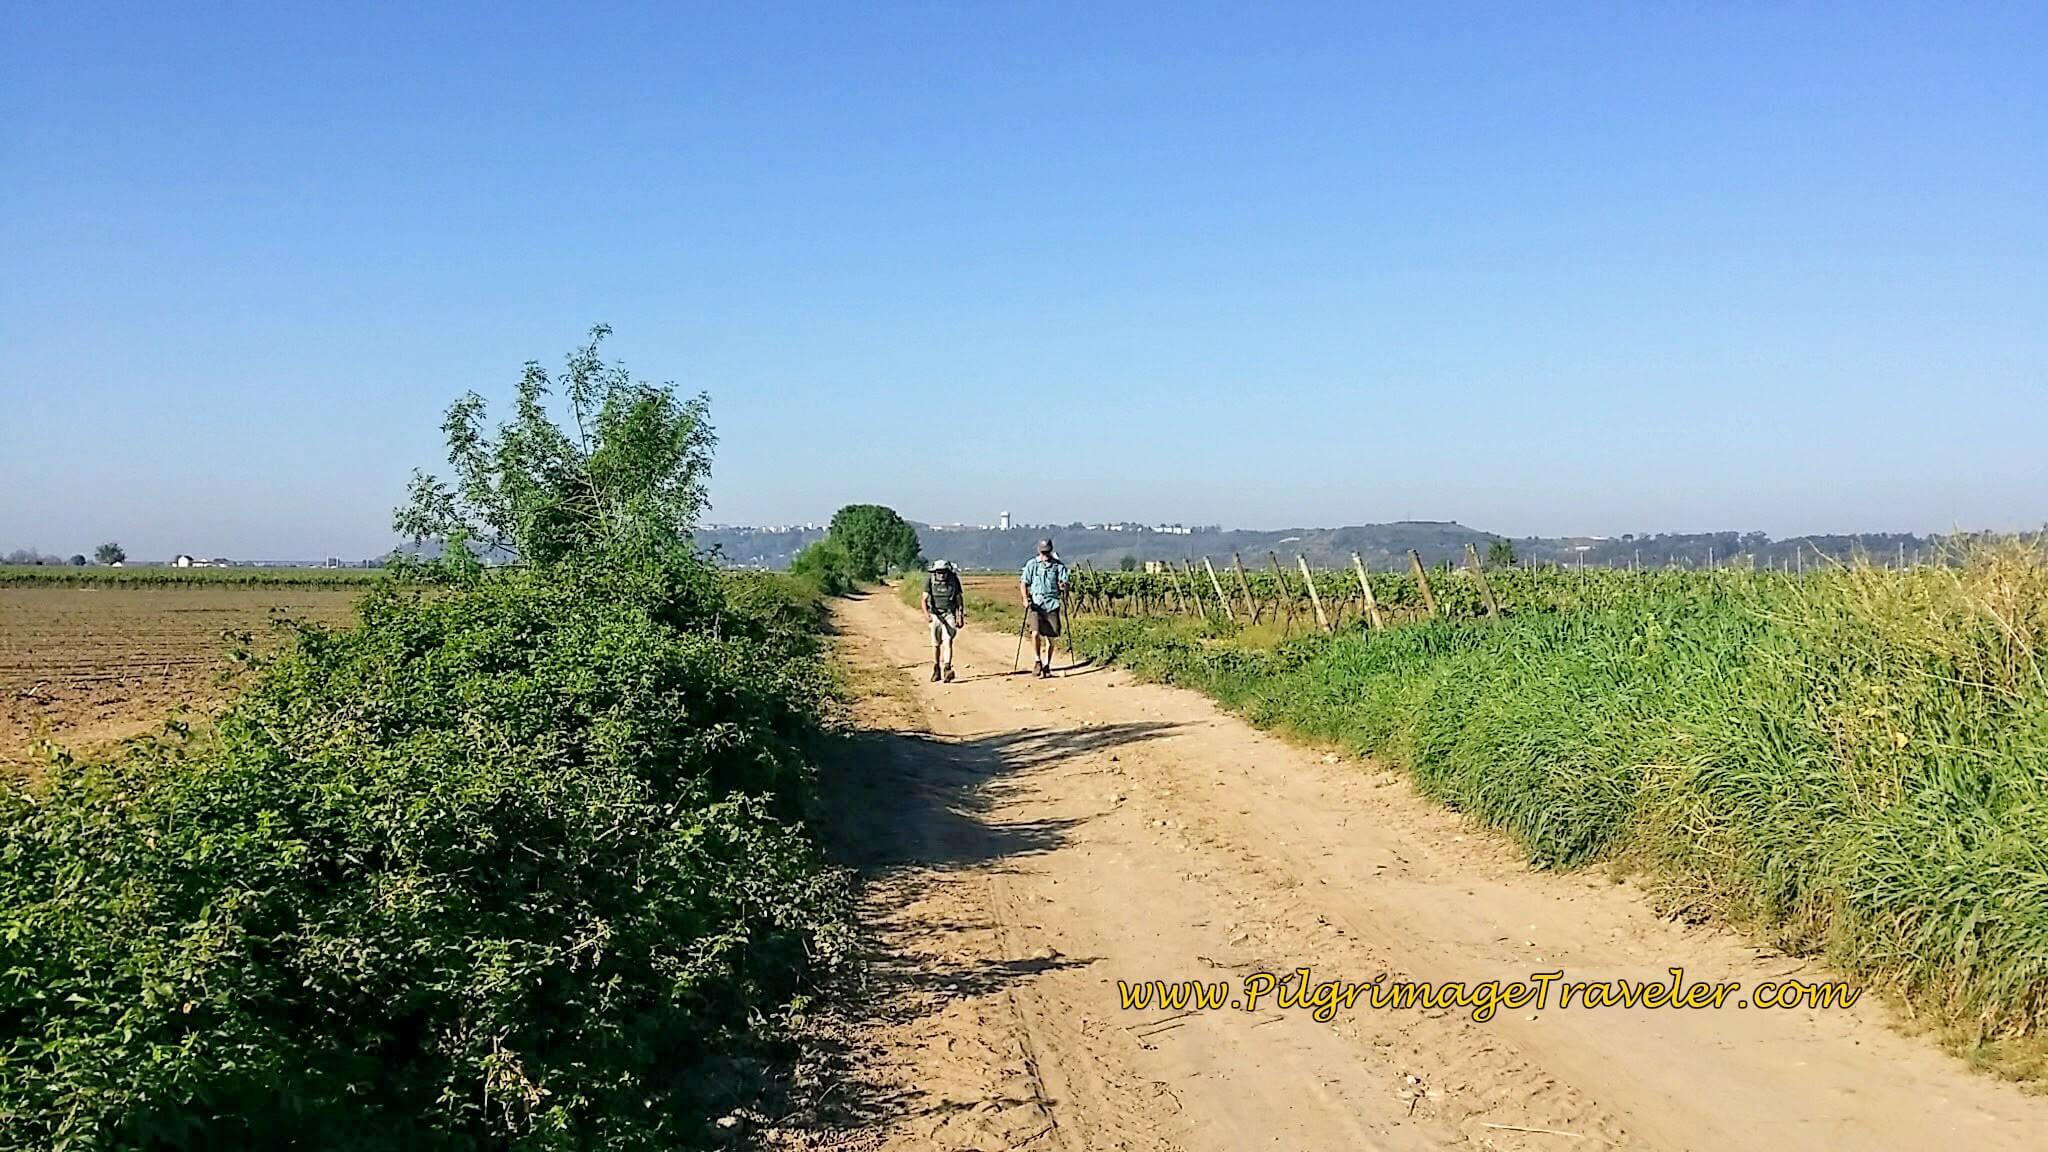 A look back at Santarém on the Camino de Santiago, Portugal